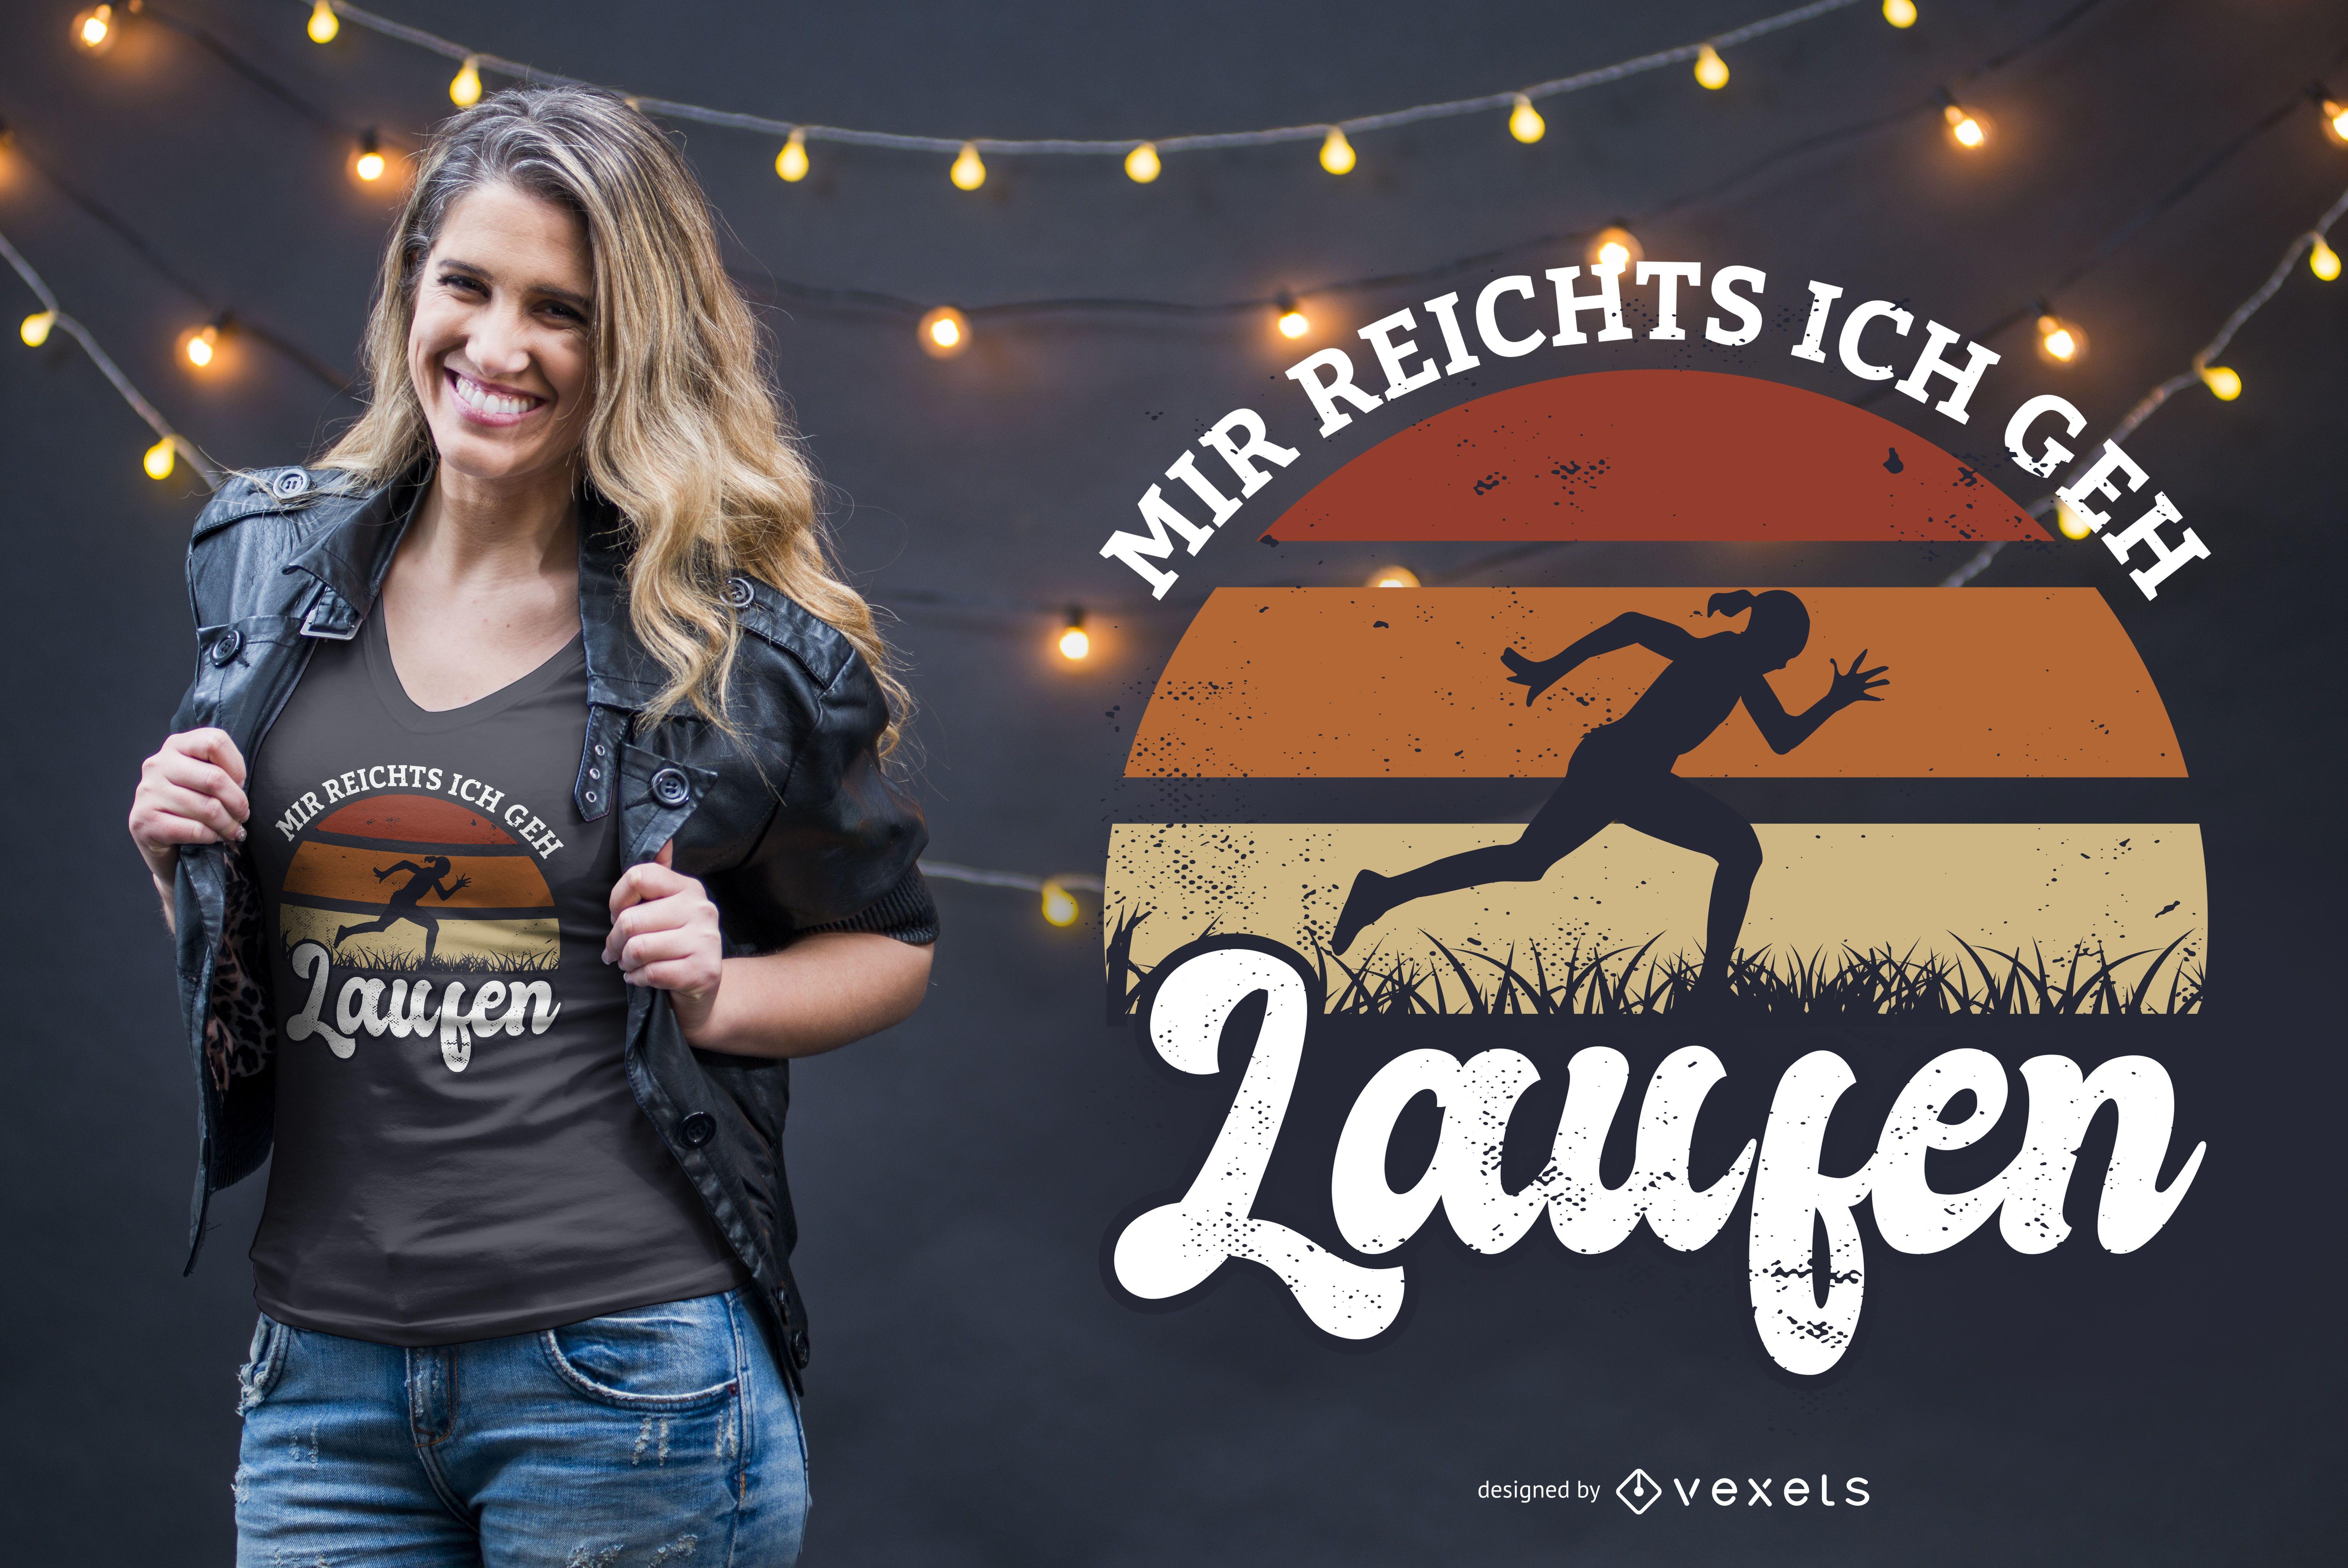 Ir a correr dise?o de camiseta alemana